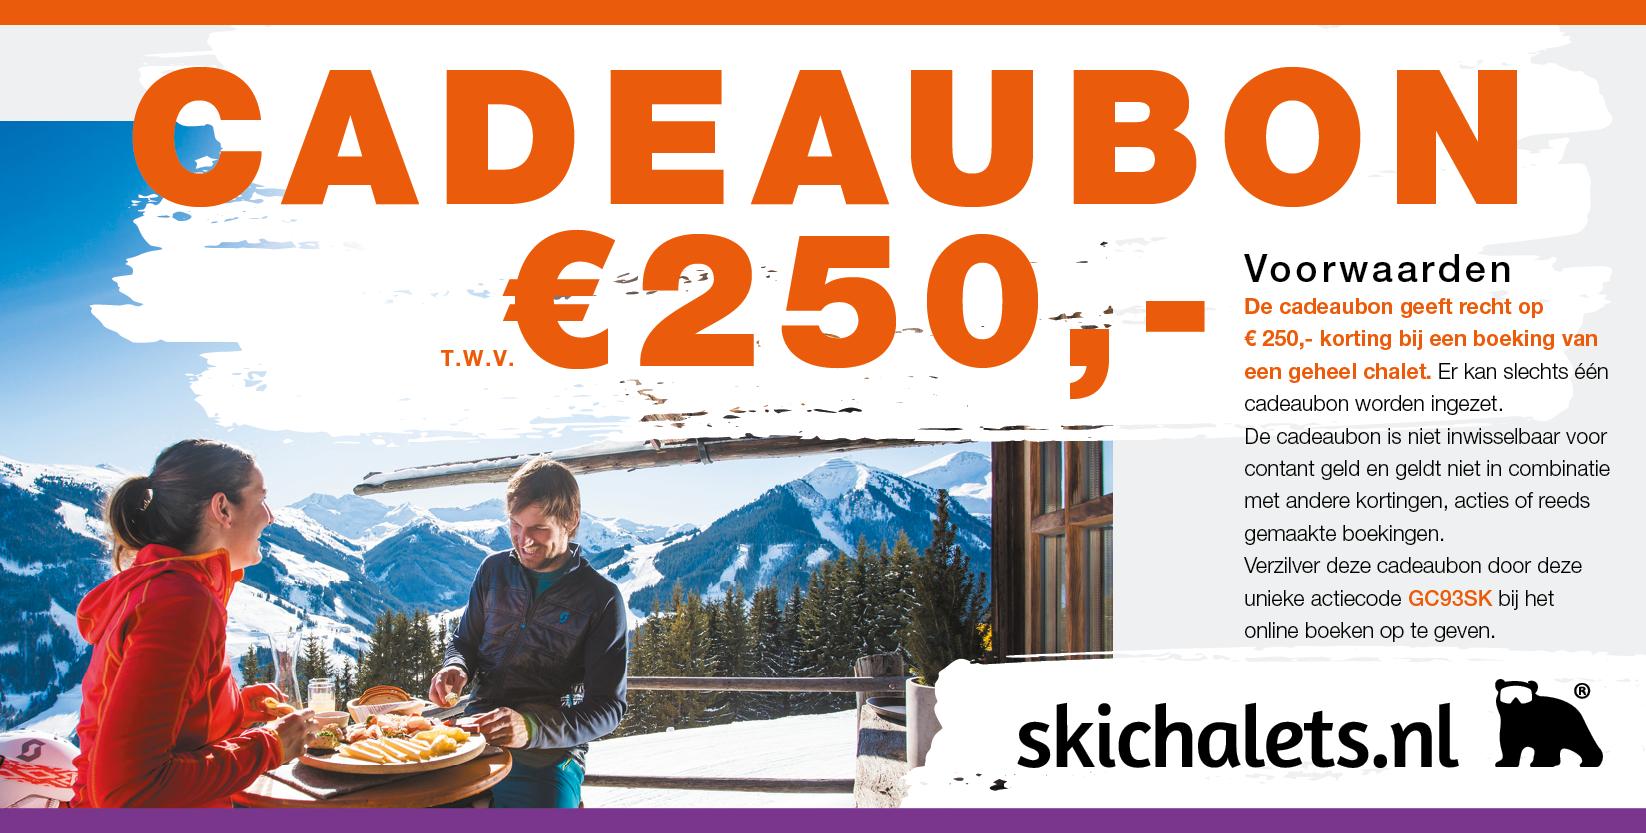 Cadeaubon t.w.v. 250 euro van skichalets